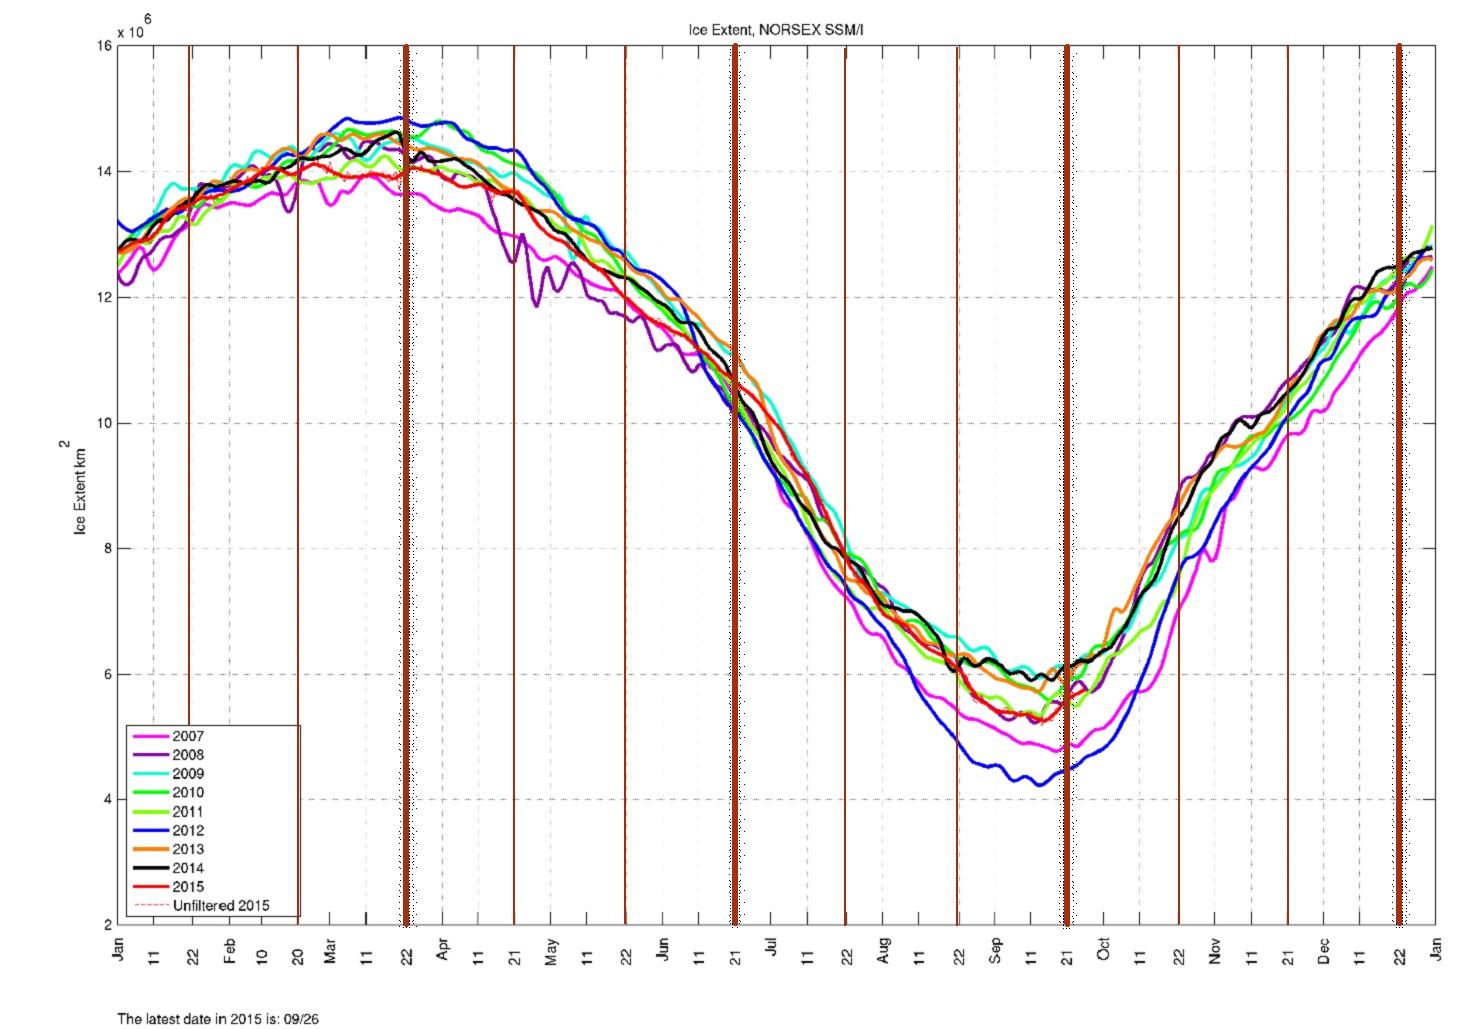 Arctic Regional Ocean Observing System - Surface de glace en millions de km2 - dernière mesure le 6 décème 2015 - mois milésiens